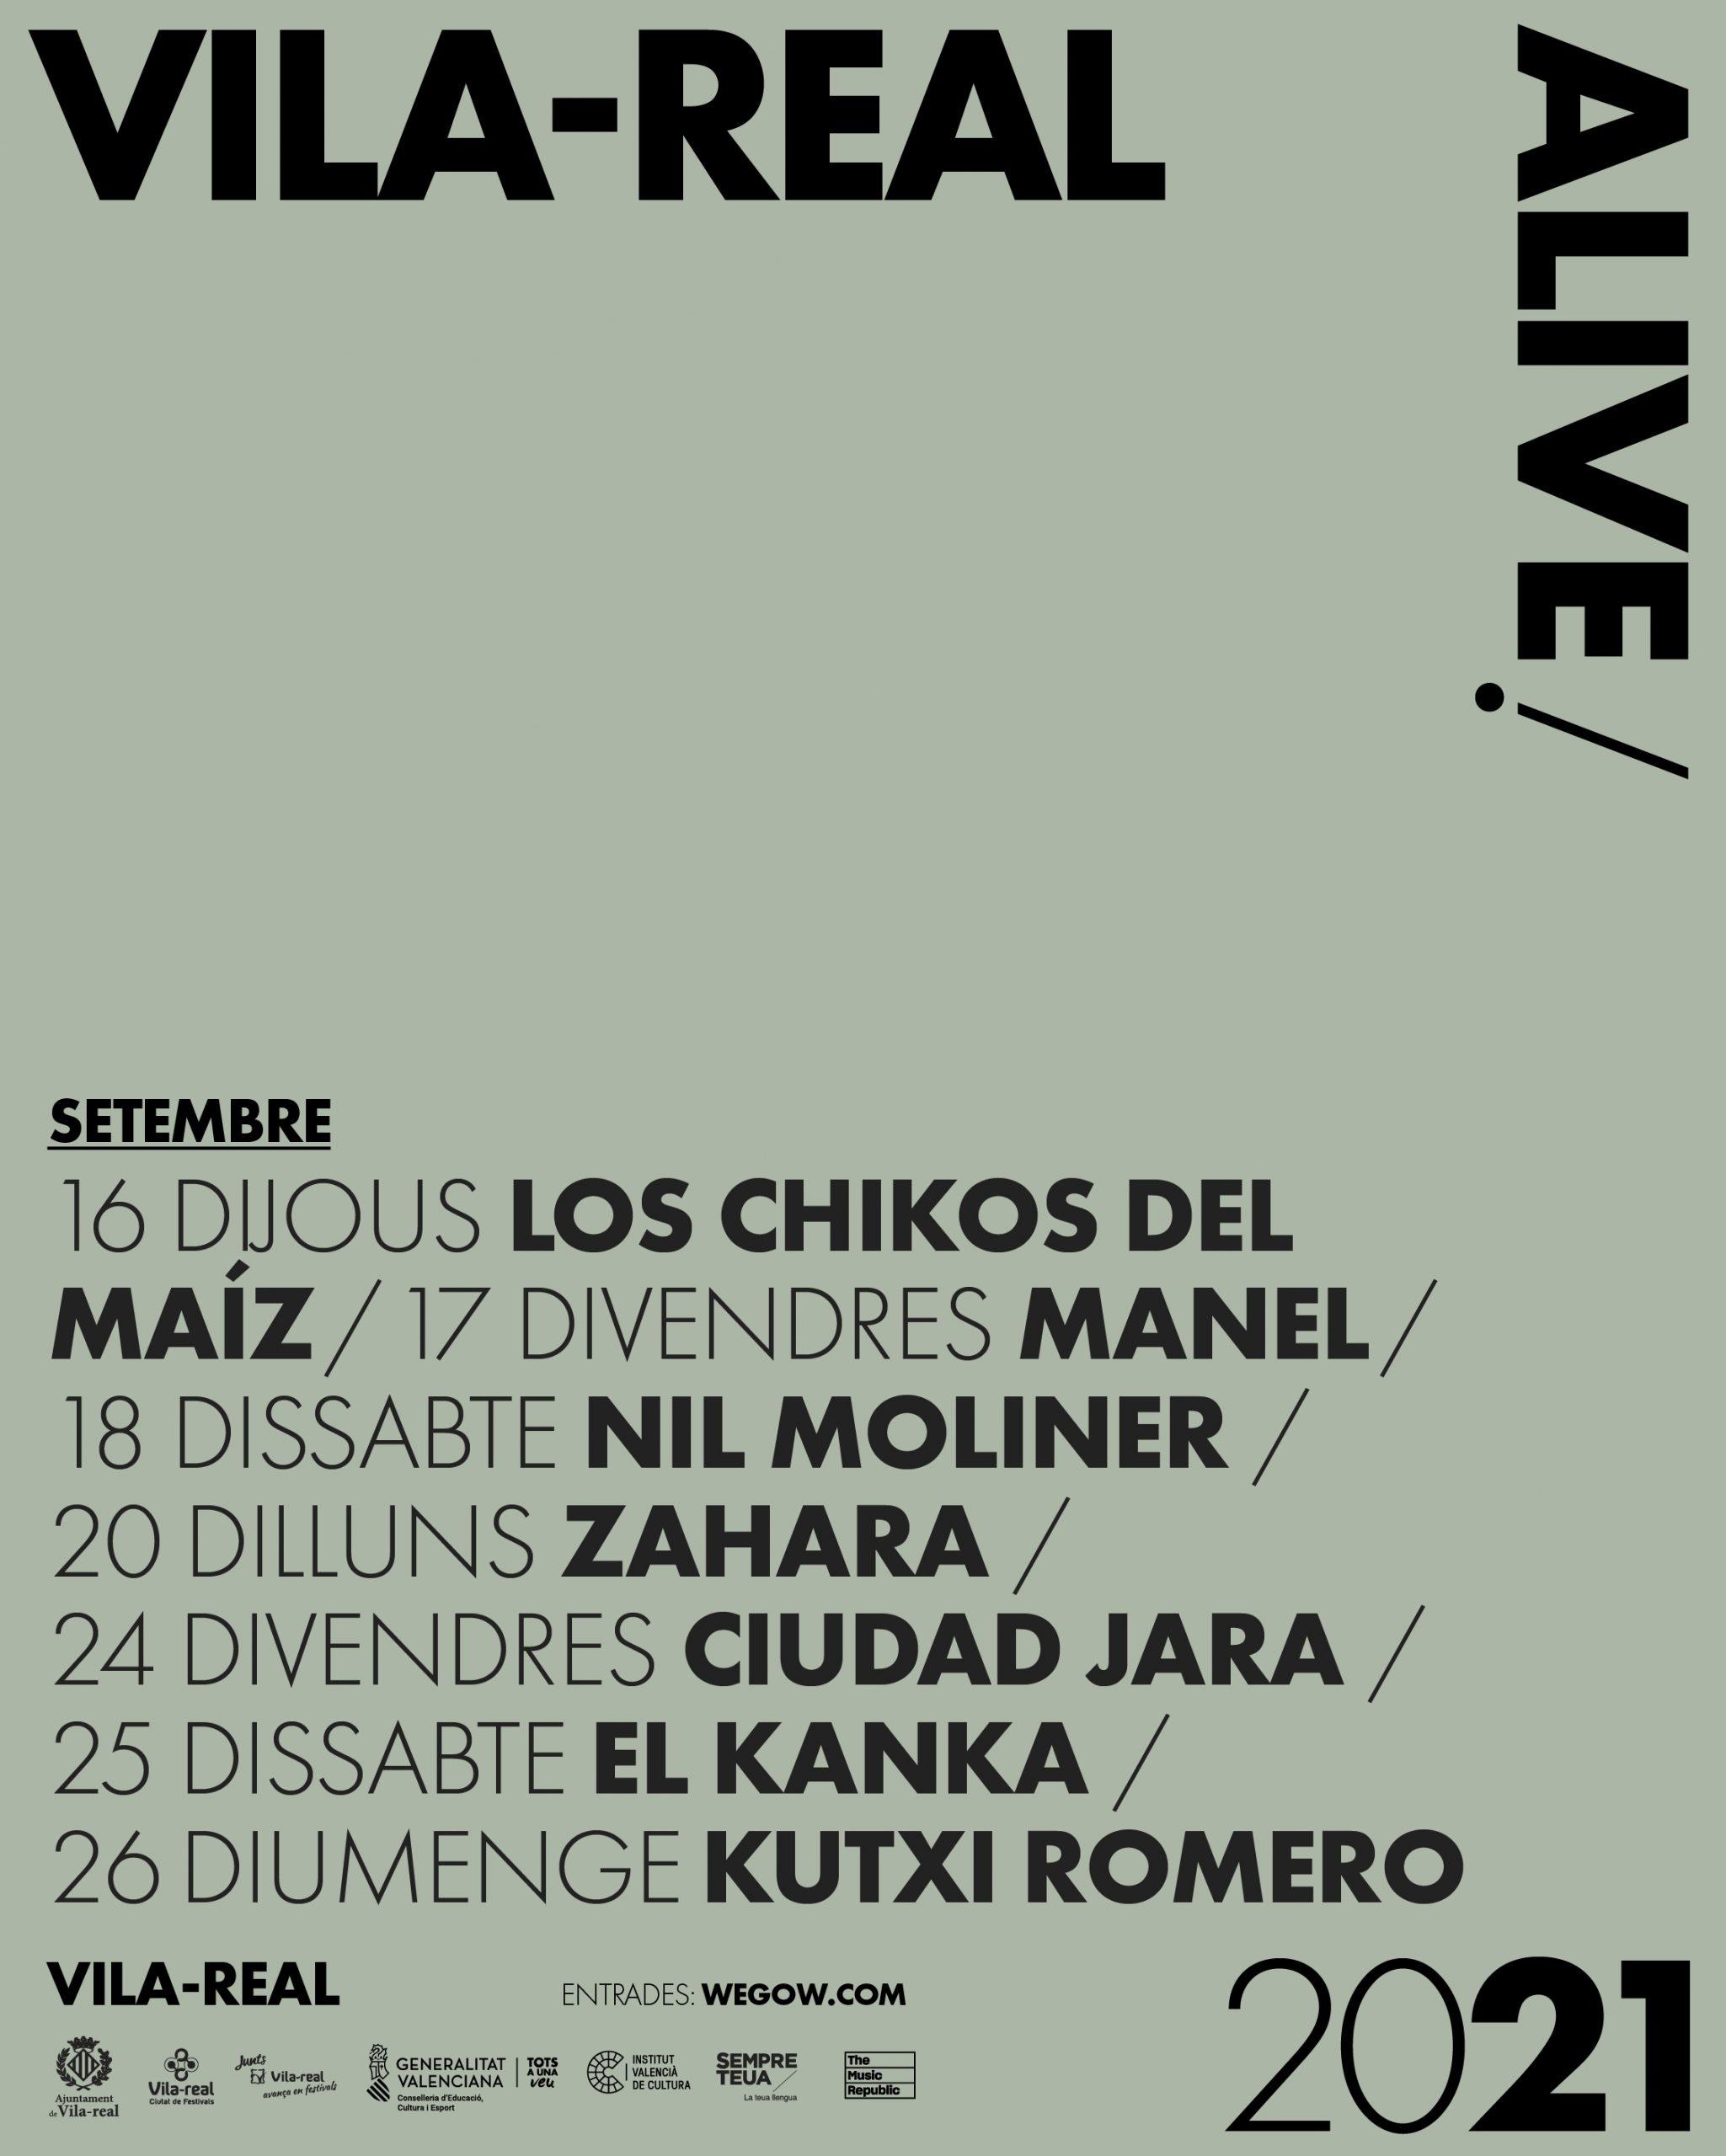 Vila-real Alive lanza su segunda edición como revulsivo cultural y económico, con los conciertos de Zahara, Manel, Nil Moliner, Los Chicos del Maíz, Ciudad Jara, El Kanka y Kutxi Romero